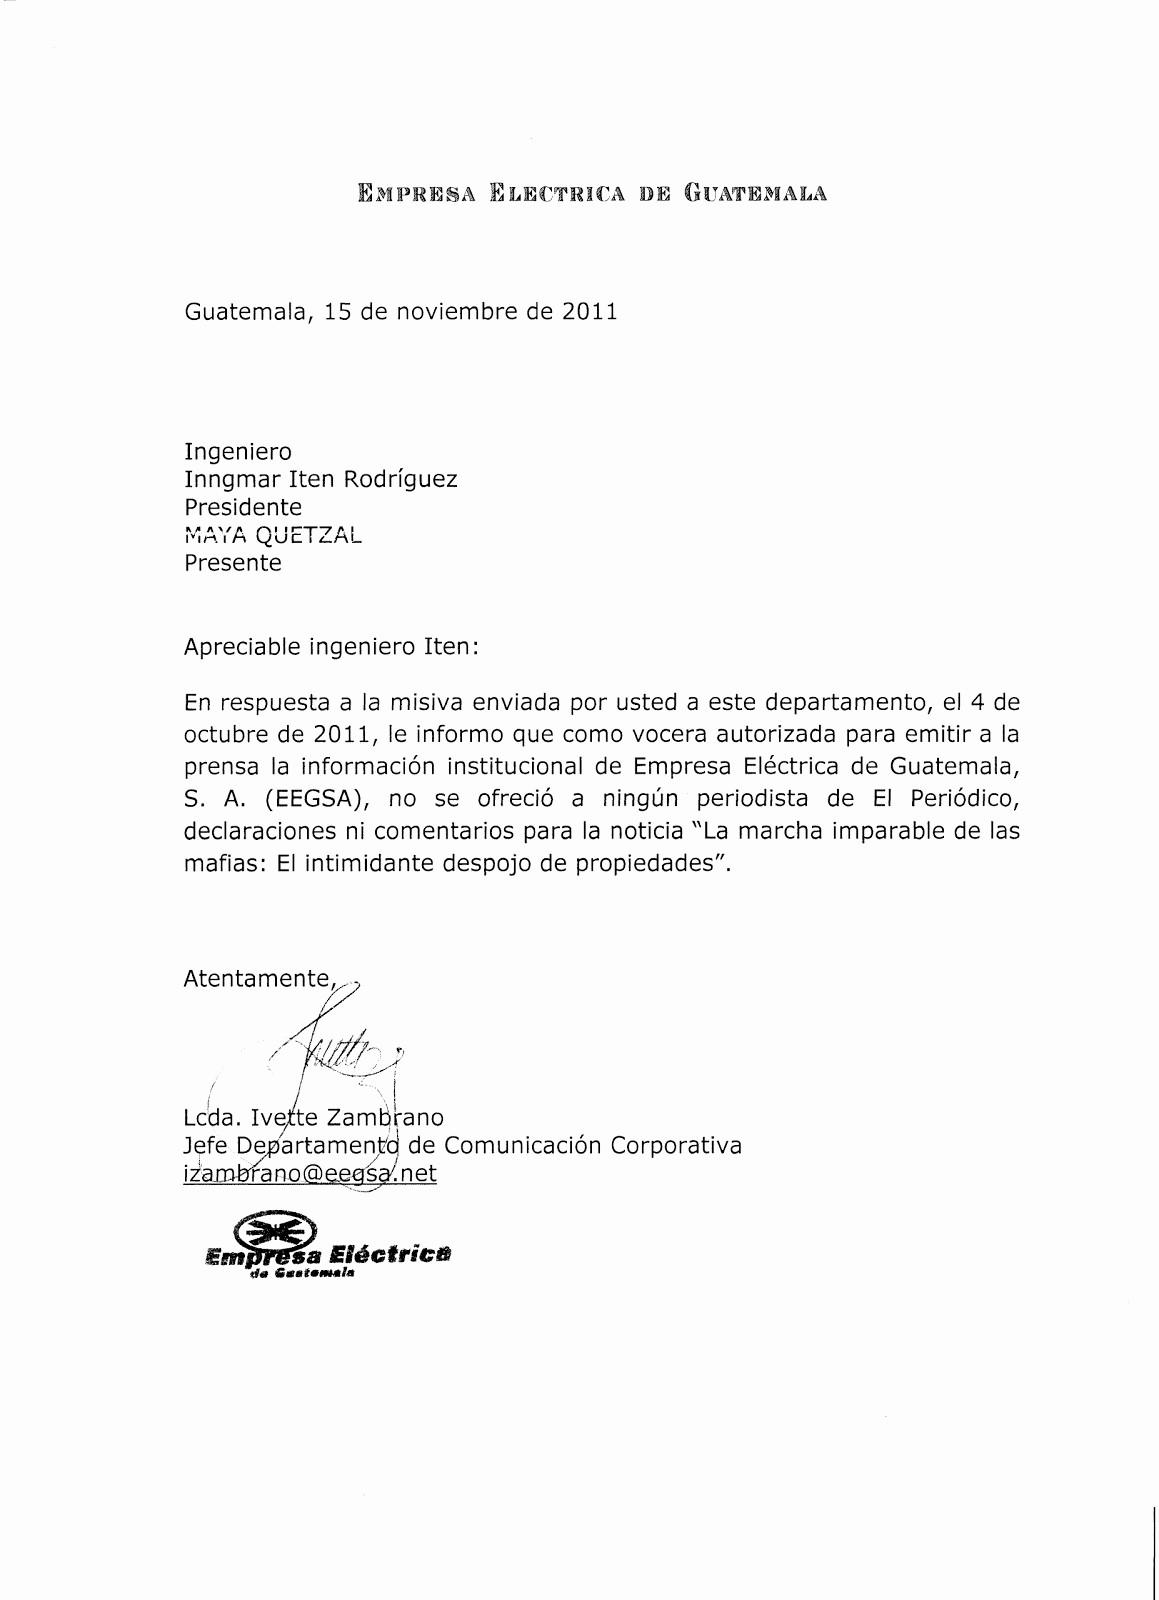 Cartas De Referencia Personal Ejemplos Elegant Ejemplo Carta De Referencia Personal